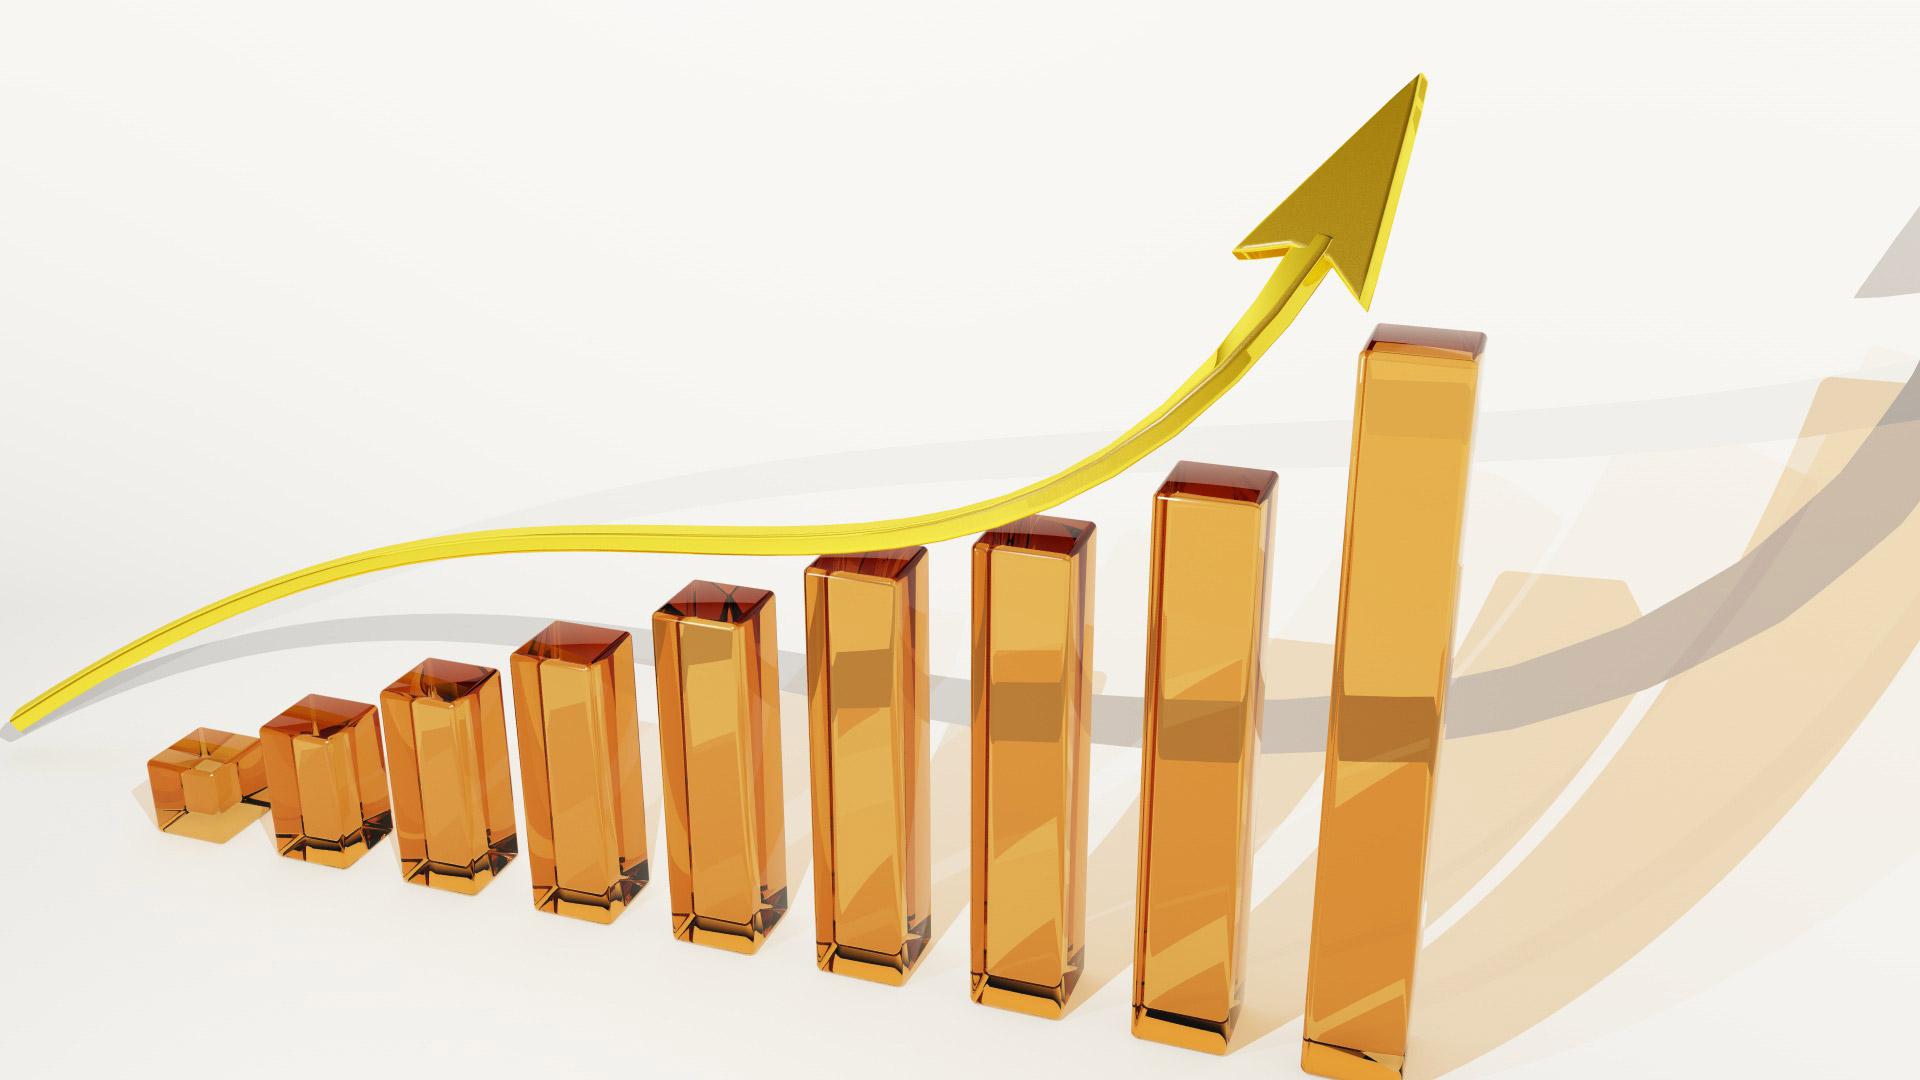 תשואות חיוביות לביטוחי המנהלים בחודש מרץ: מגדל והראל מובילות עם תשואה של 0.9%